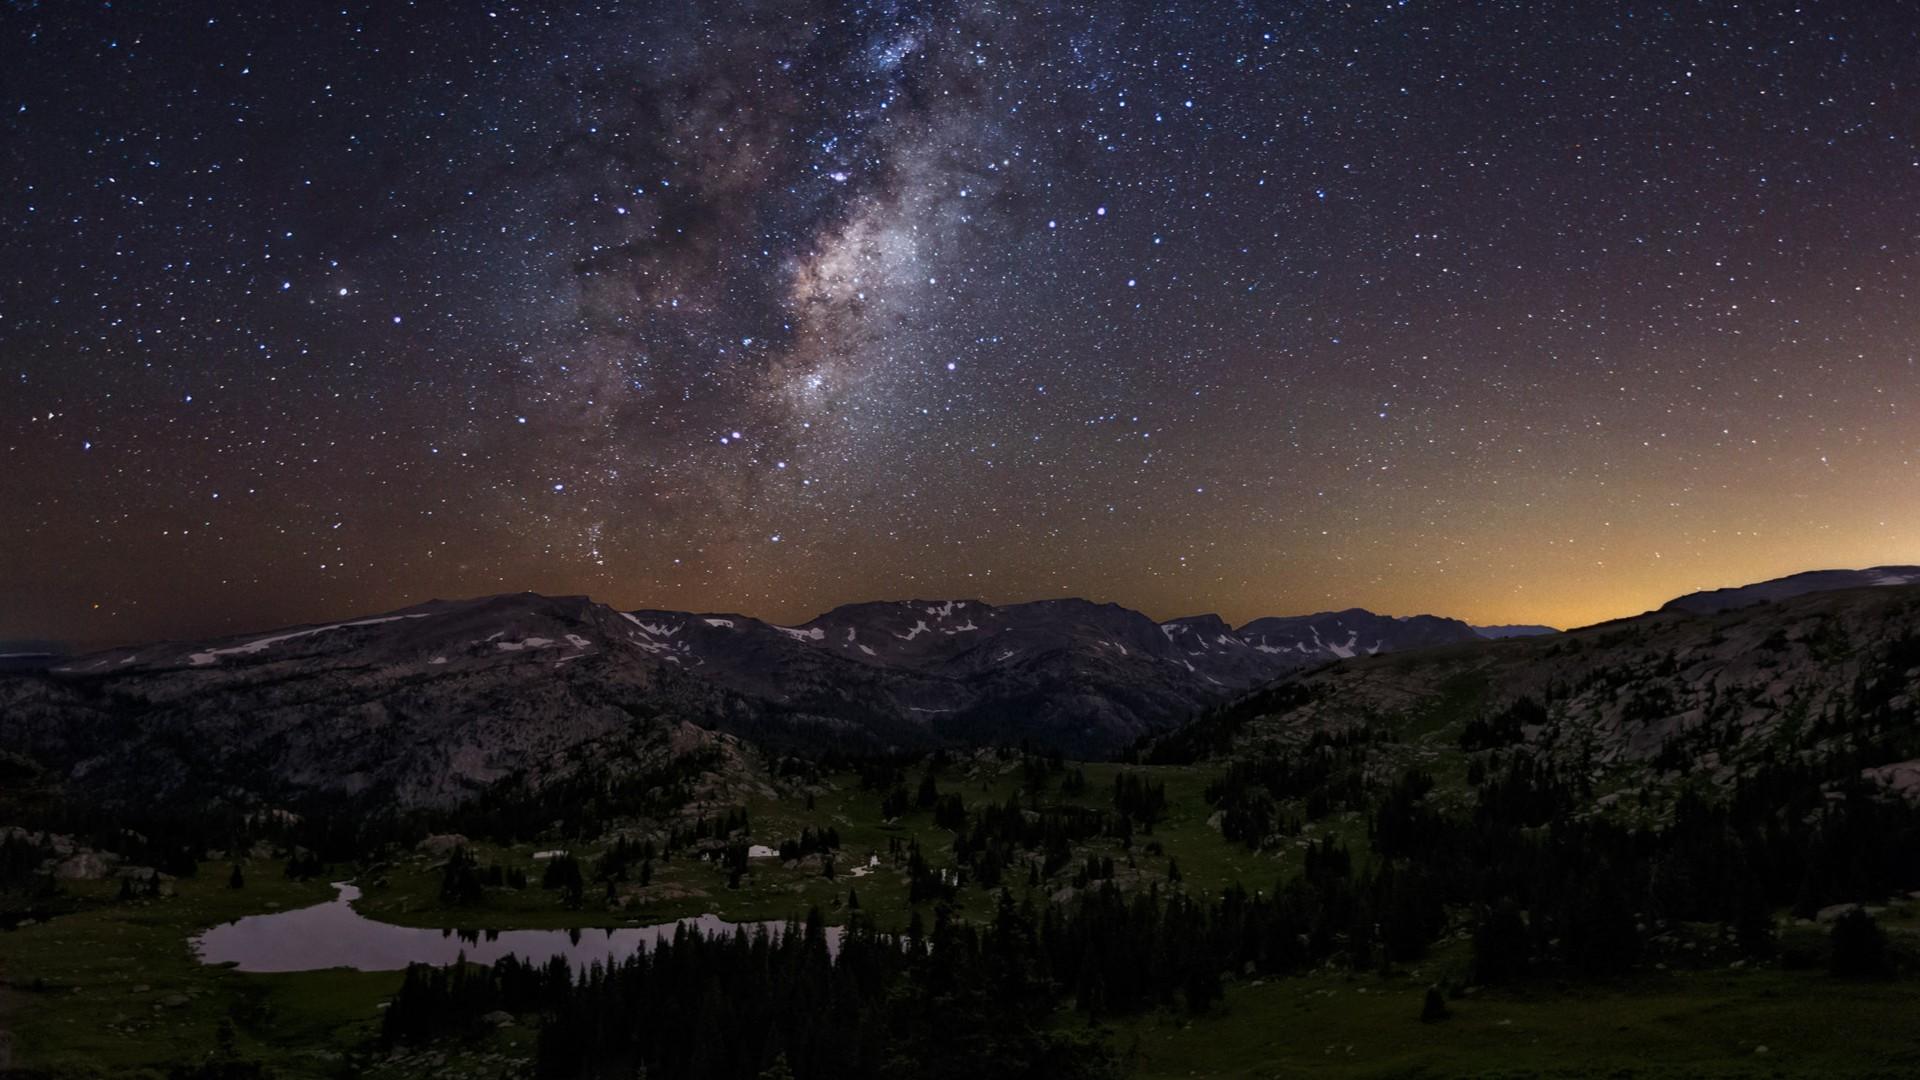 размеры, красивое звездное небо картинка на рабочий стол совсем соответствует заявленному